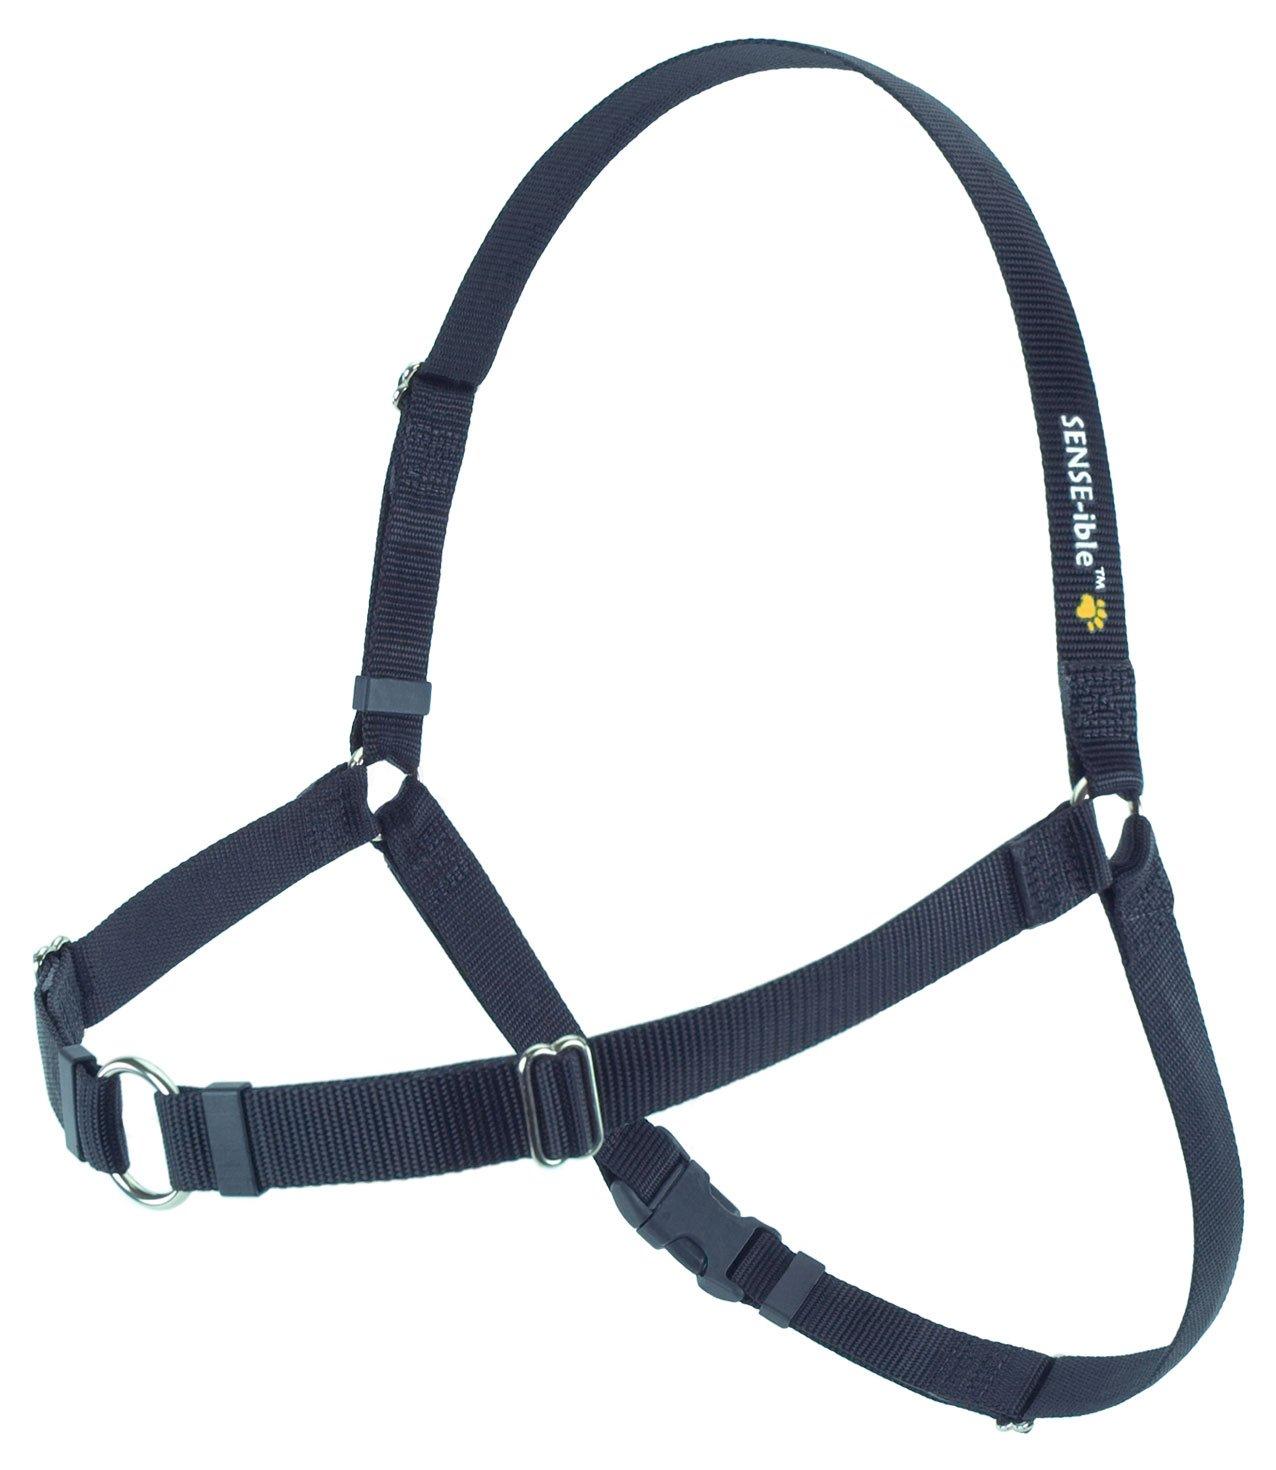 SENSE-ible No-Pull Dog Harness Black Large